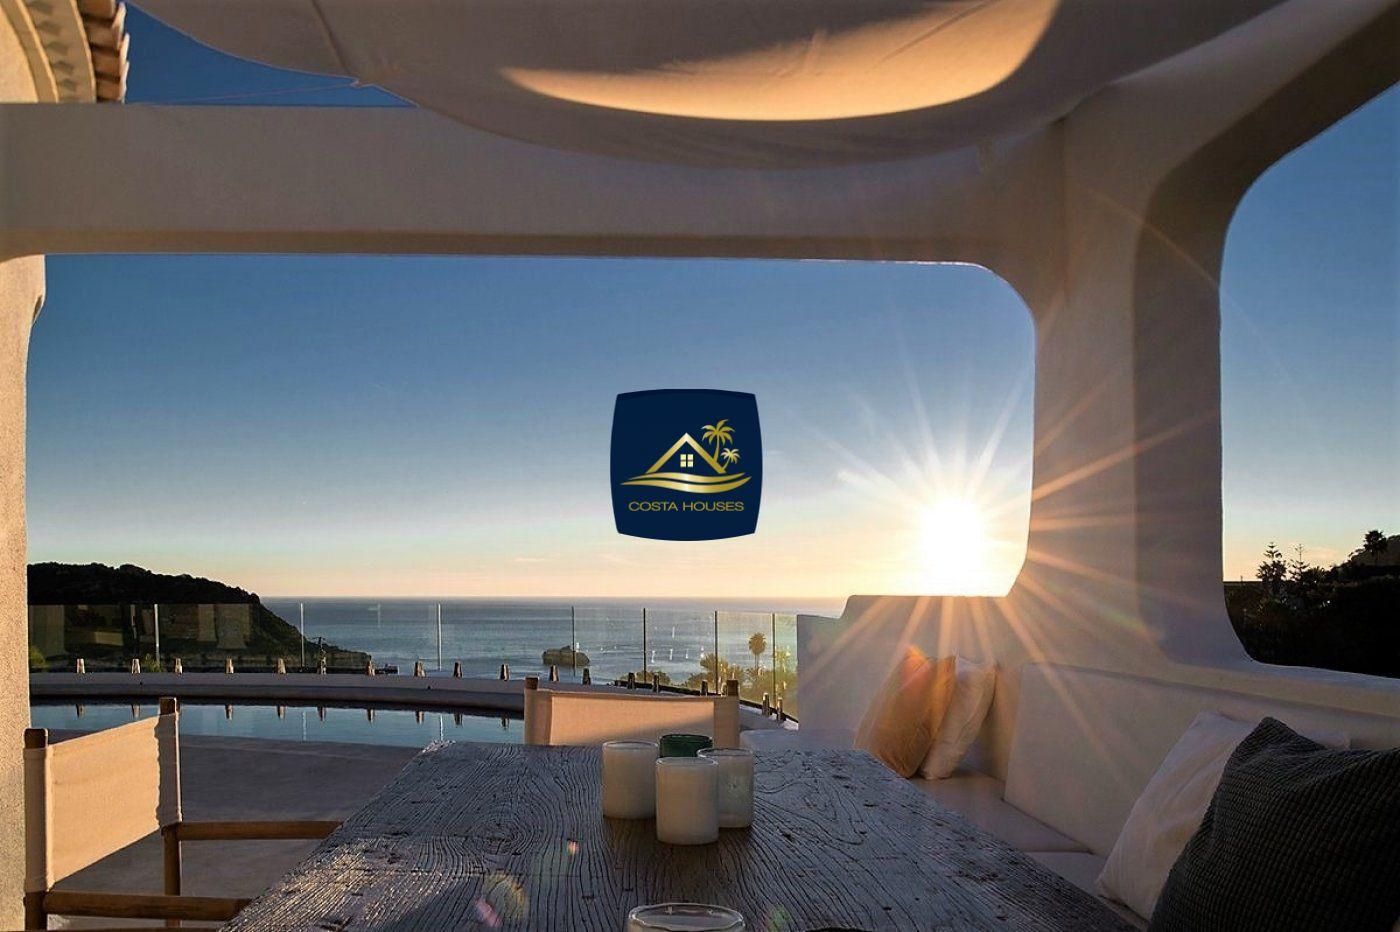 Villa de Lujo estilo IBIZA con Acceso directo al MAR en Moraira · EL PORTET | COSTA HOUSES Luxury